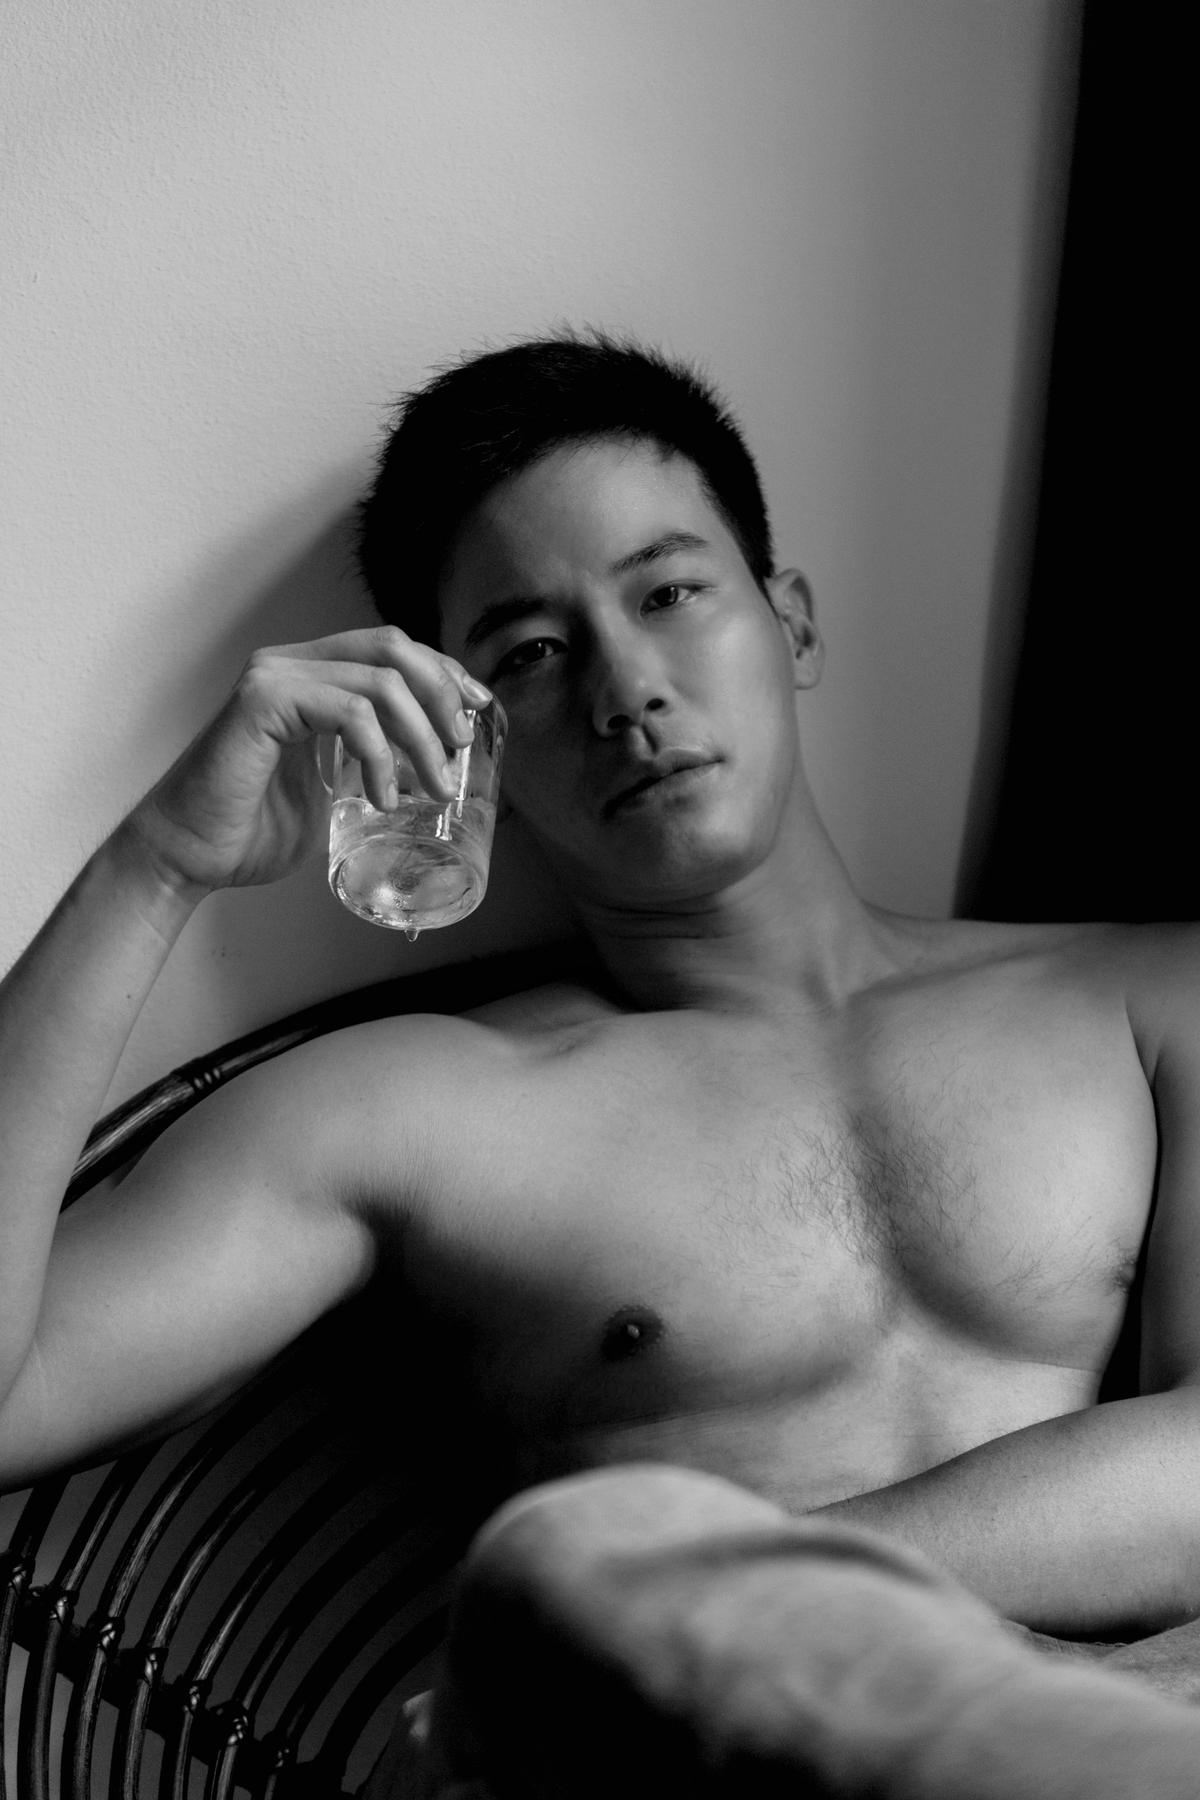 劉傑中胸肌發達,桌月曆頗有看頭。(艾迪昇提供)